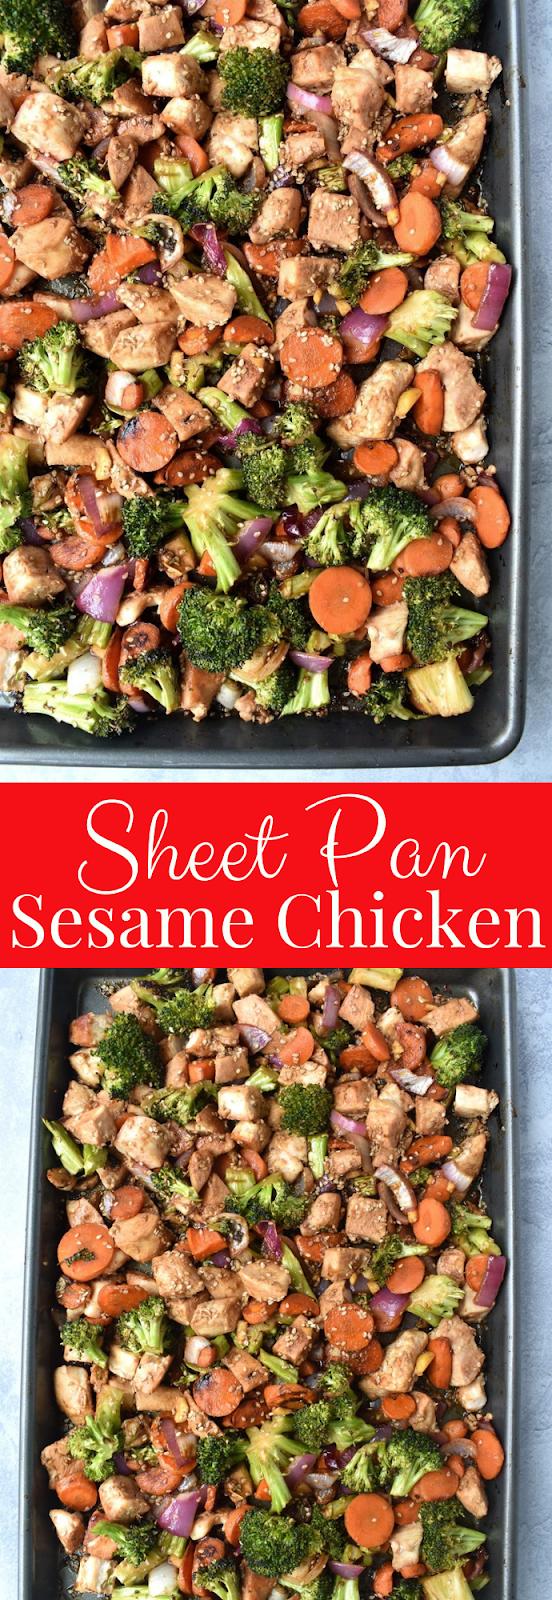 Sheet Pan Sesame Chicken recipe